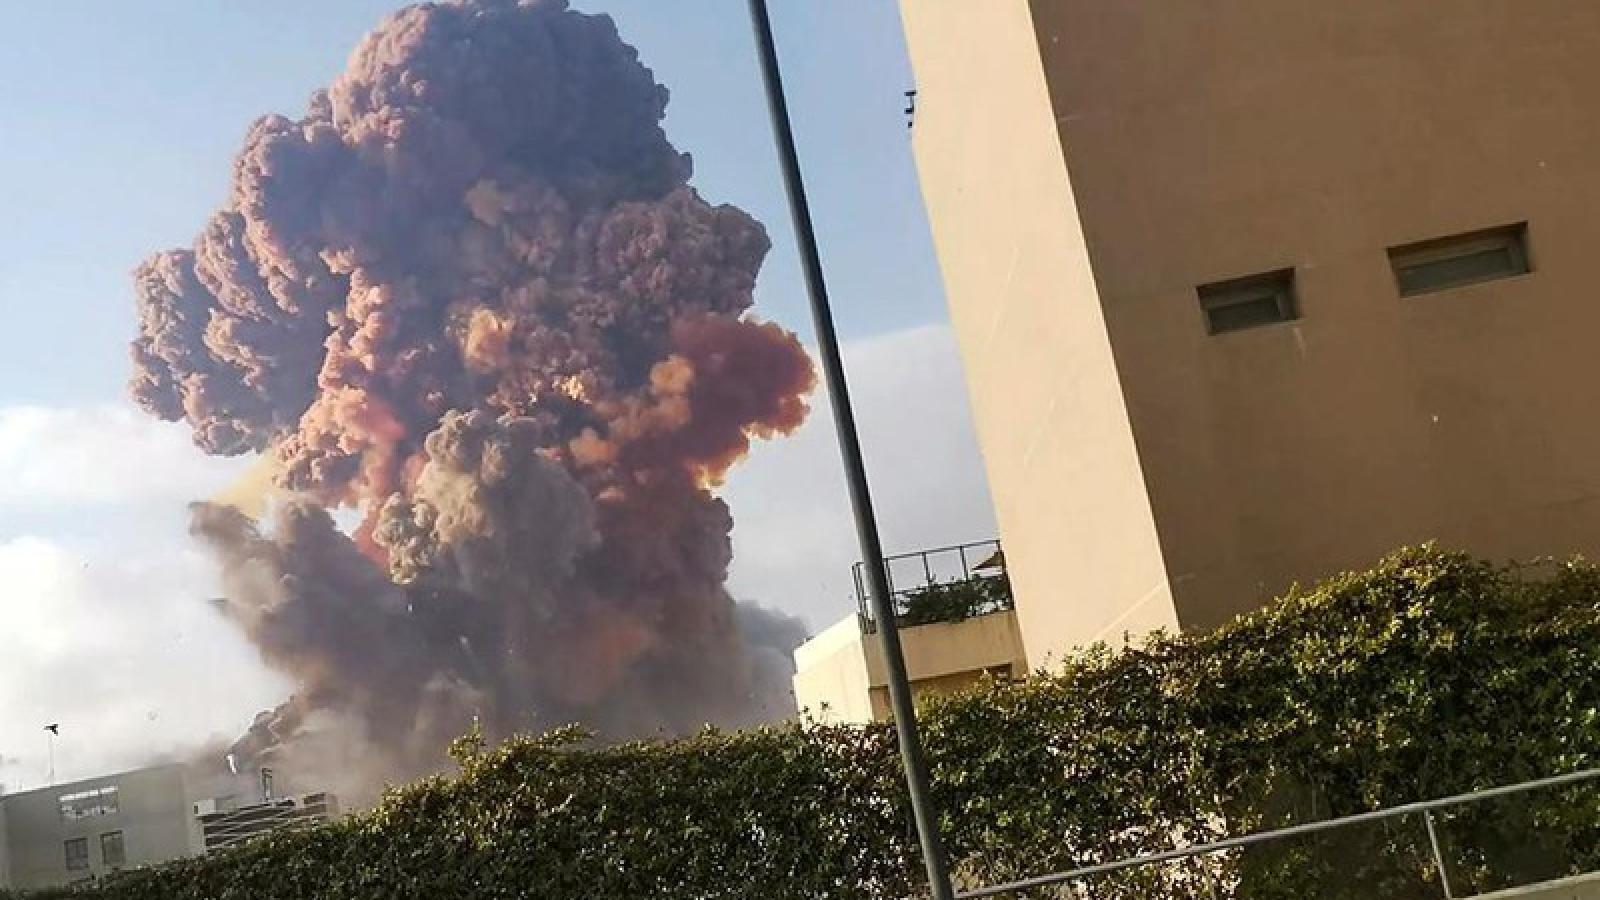 Lebanon điều tra khả năng có can thiệp bên ngoài trong vụ nổ kinh hoàng